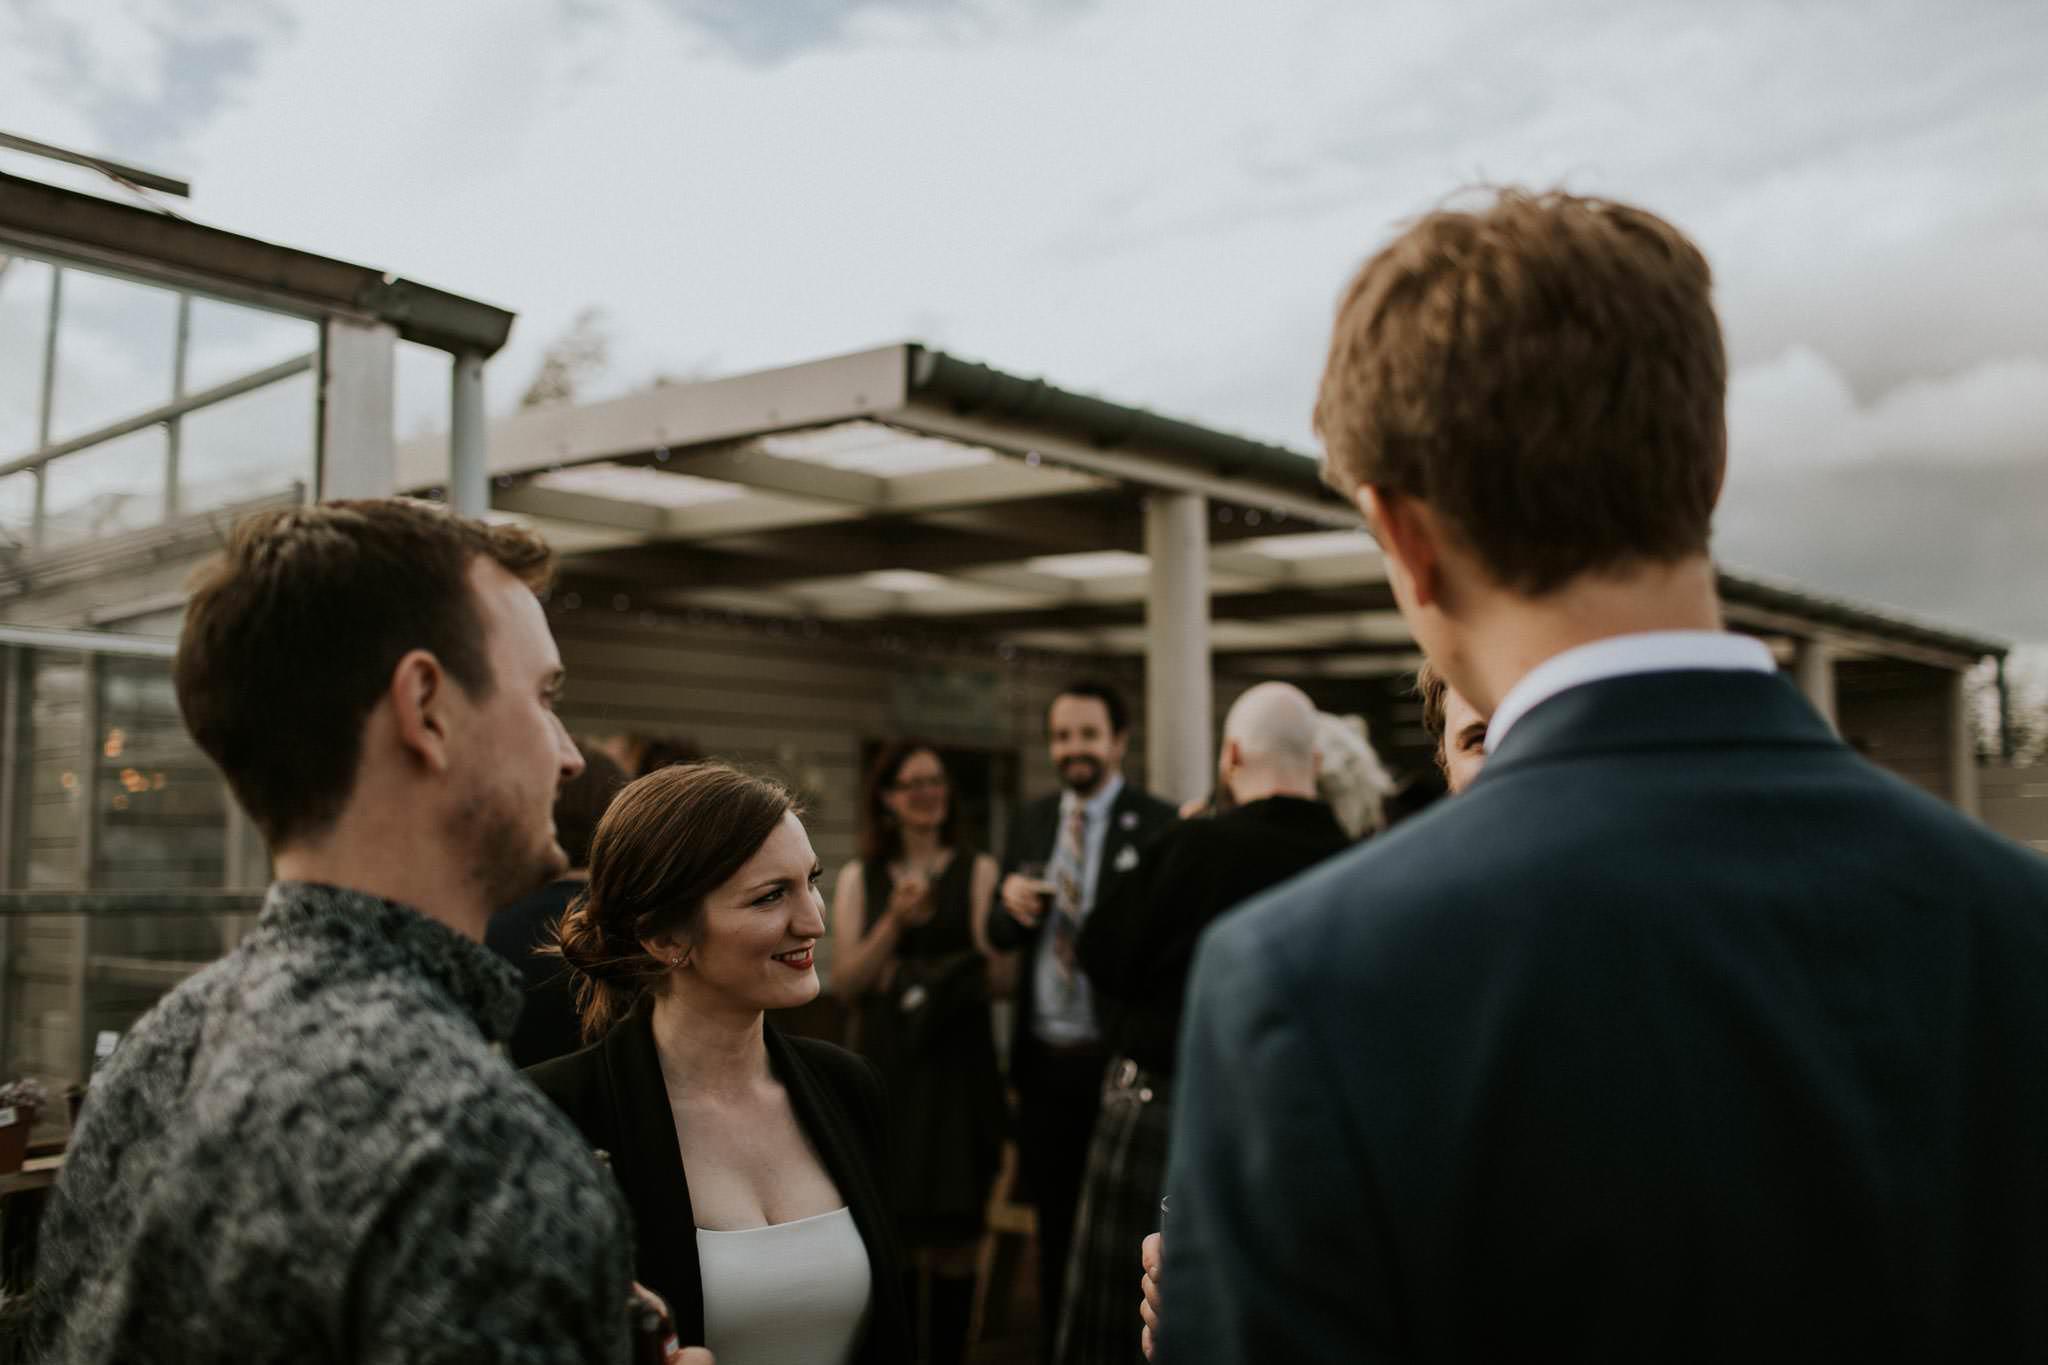 secret-herb-garden-edinburgh-vegan-wedding-092